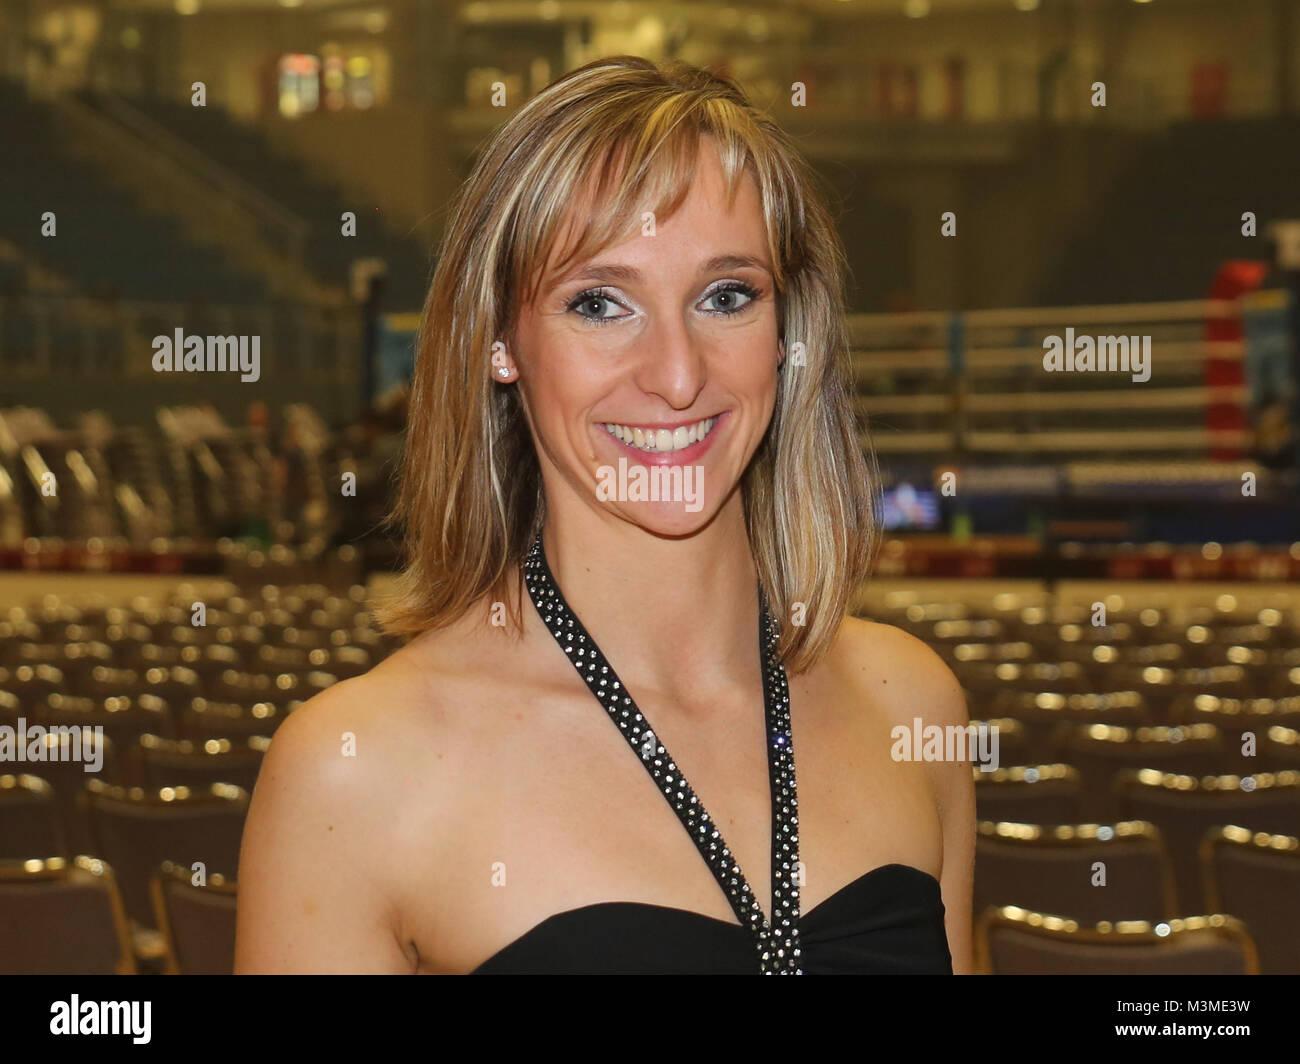 Sängerin und Schauspielerin Marie Mattheus bei der SES-Box-Gala am 12.11.2016 in der GETEC Arena Magdeburg - Stock Image